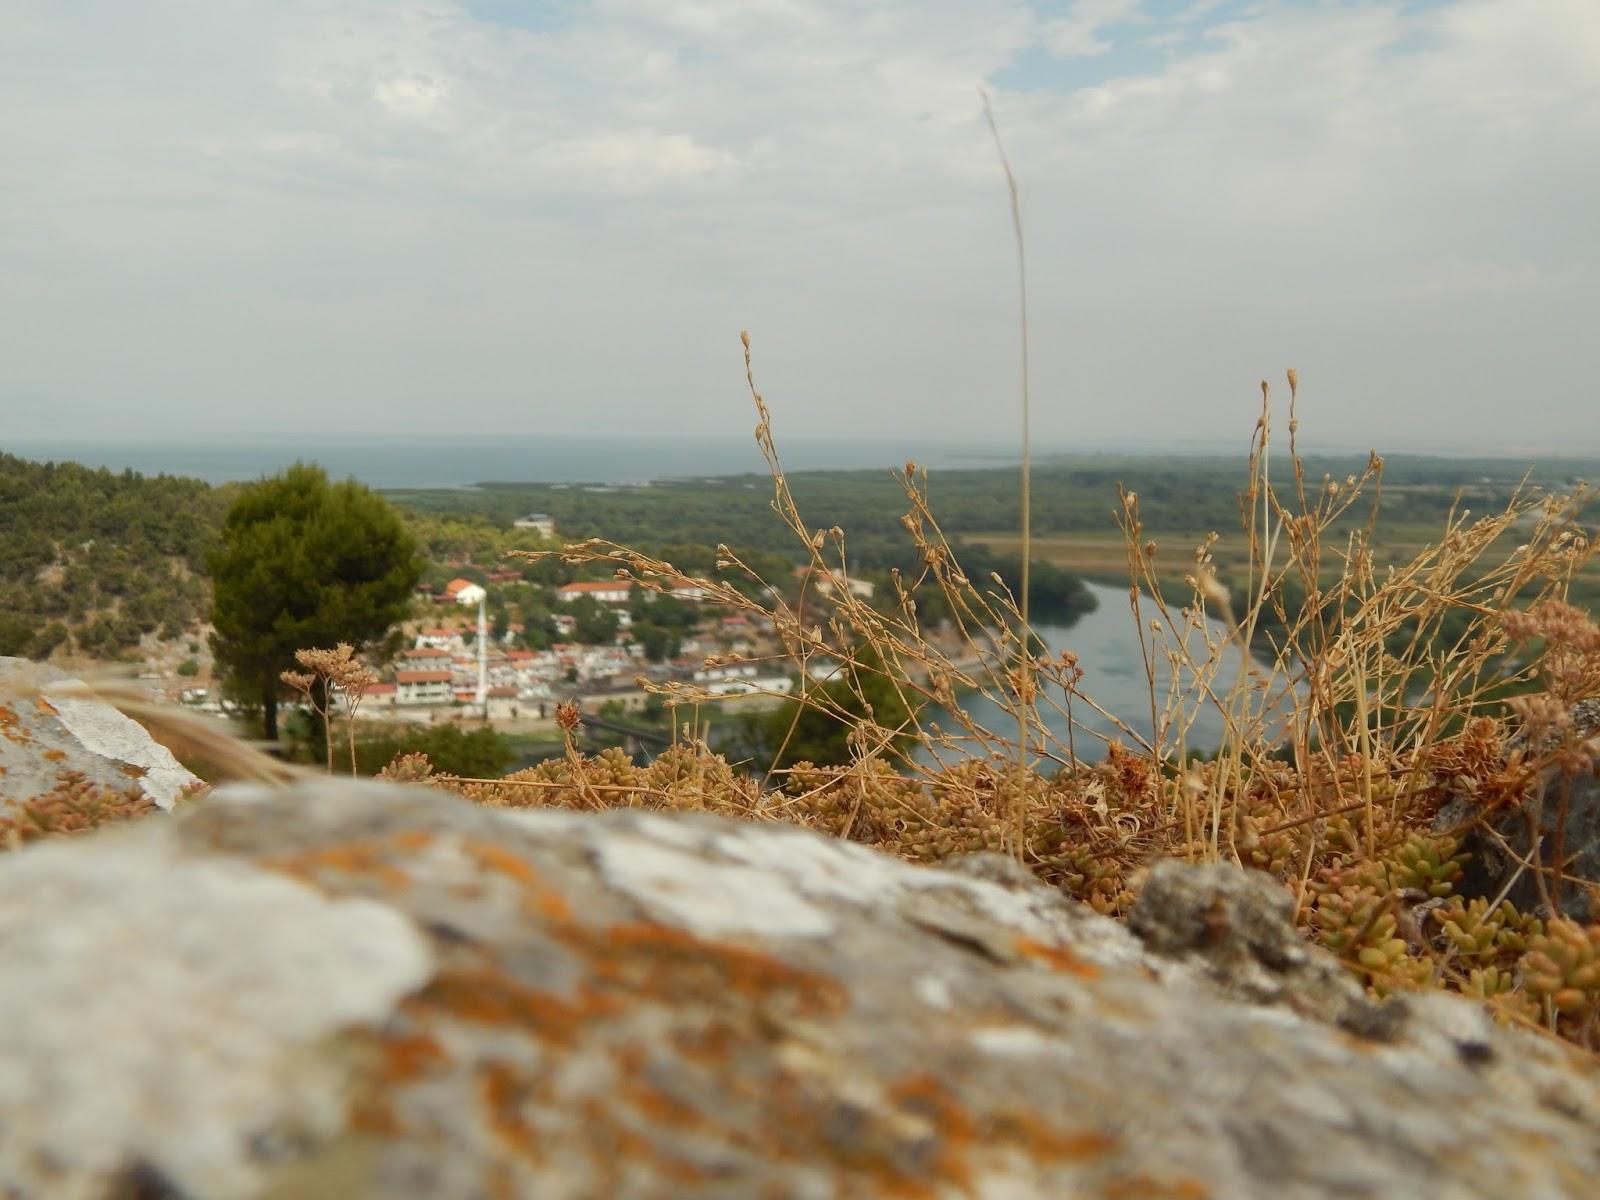 Výhled na Skadarské jezero v Albánii